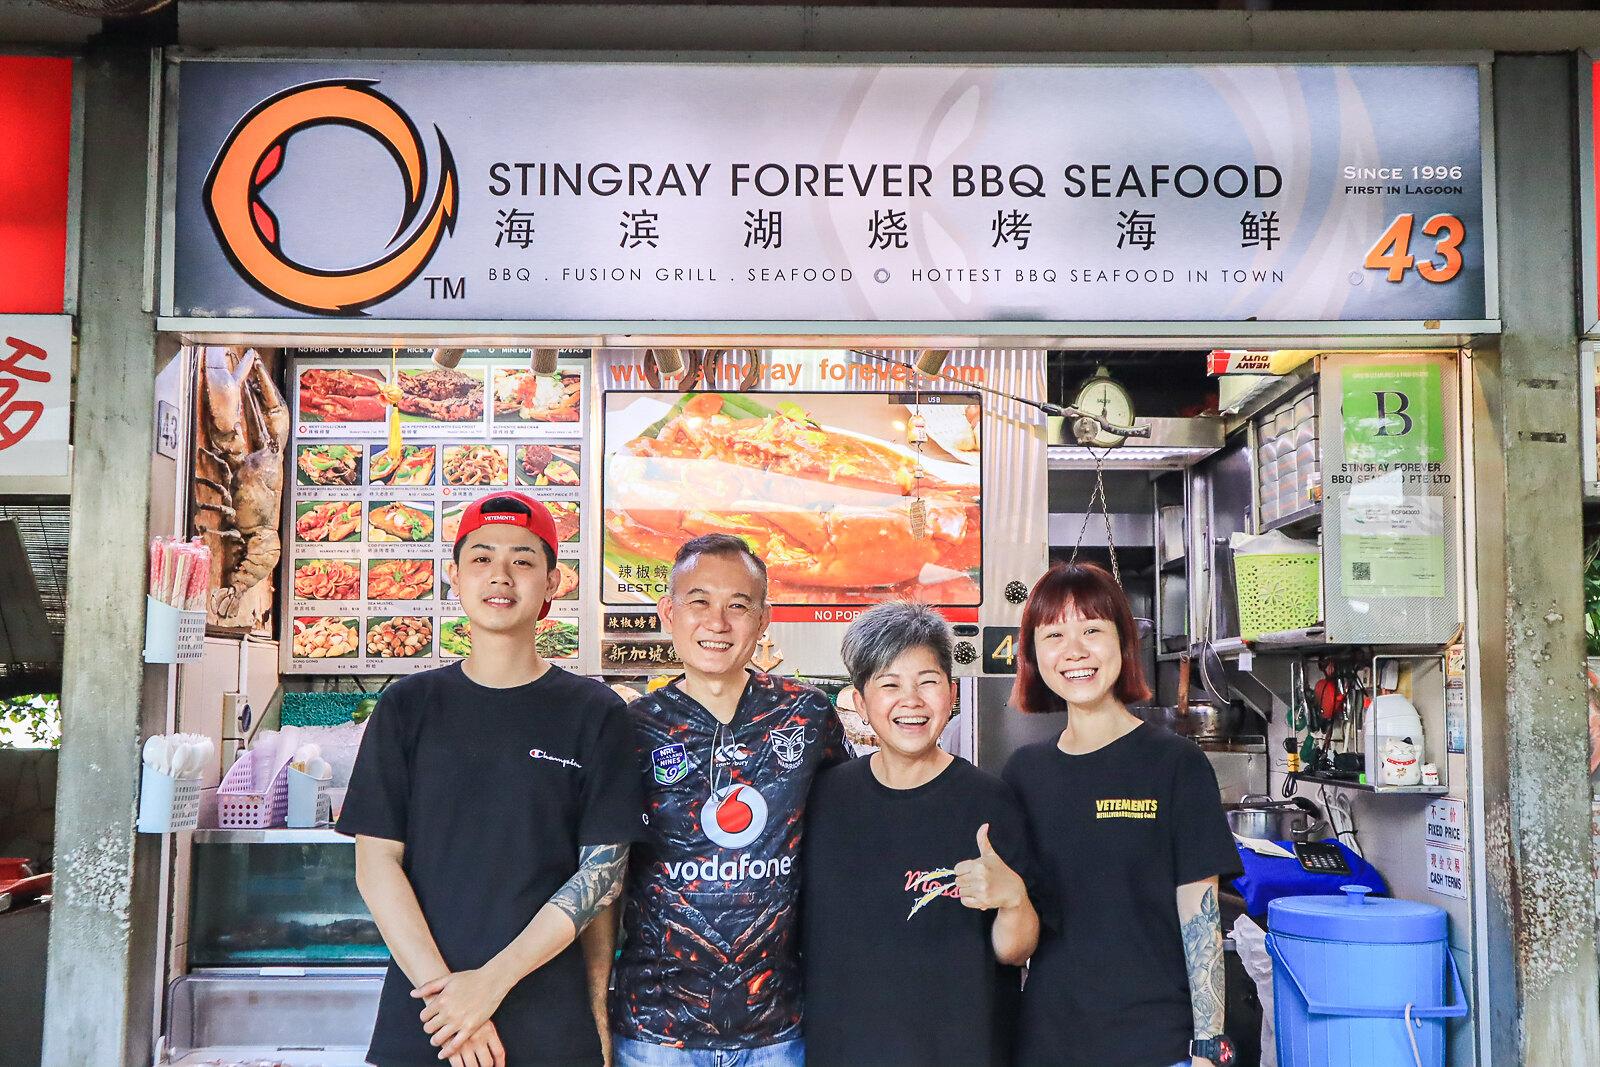 stingray forever storefront